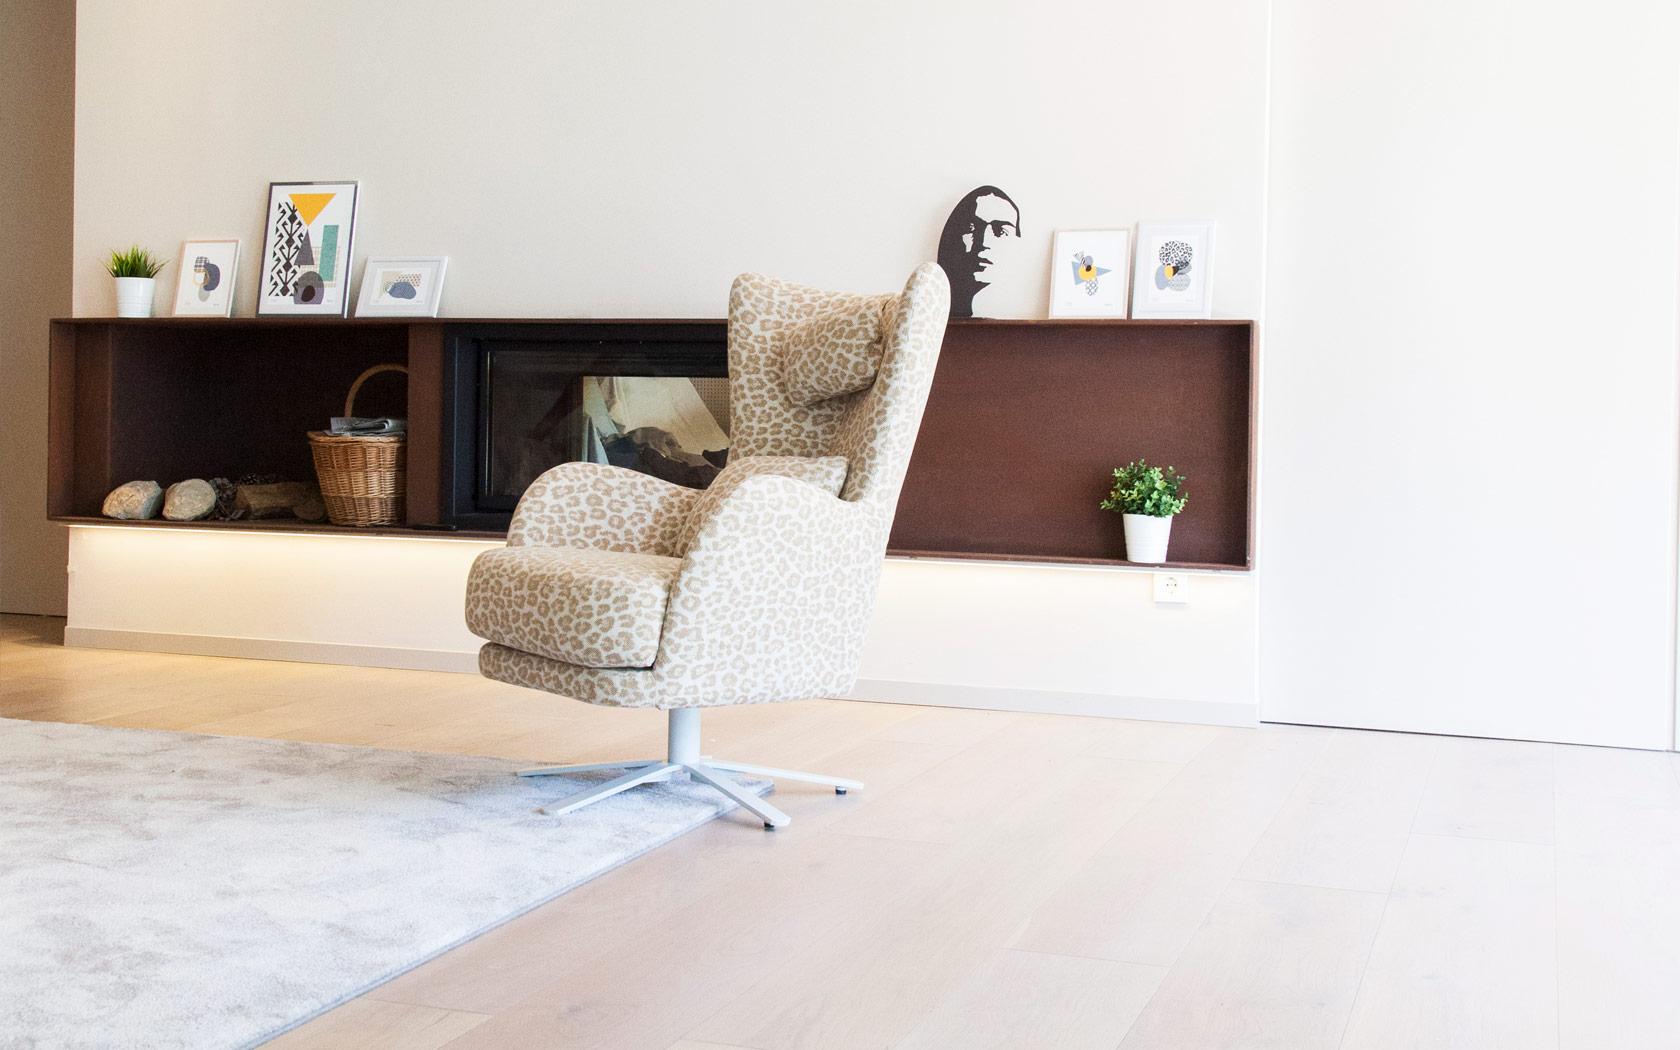 Kylian sillón Fama 2020 04